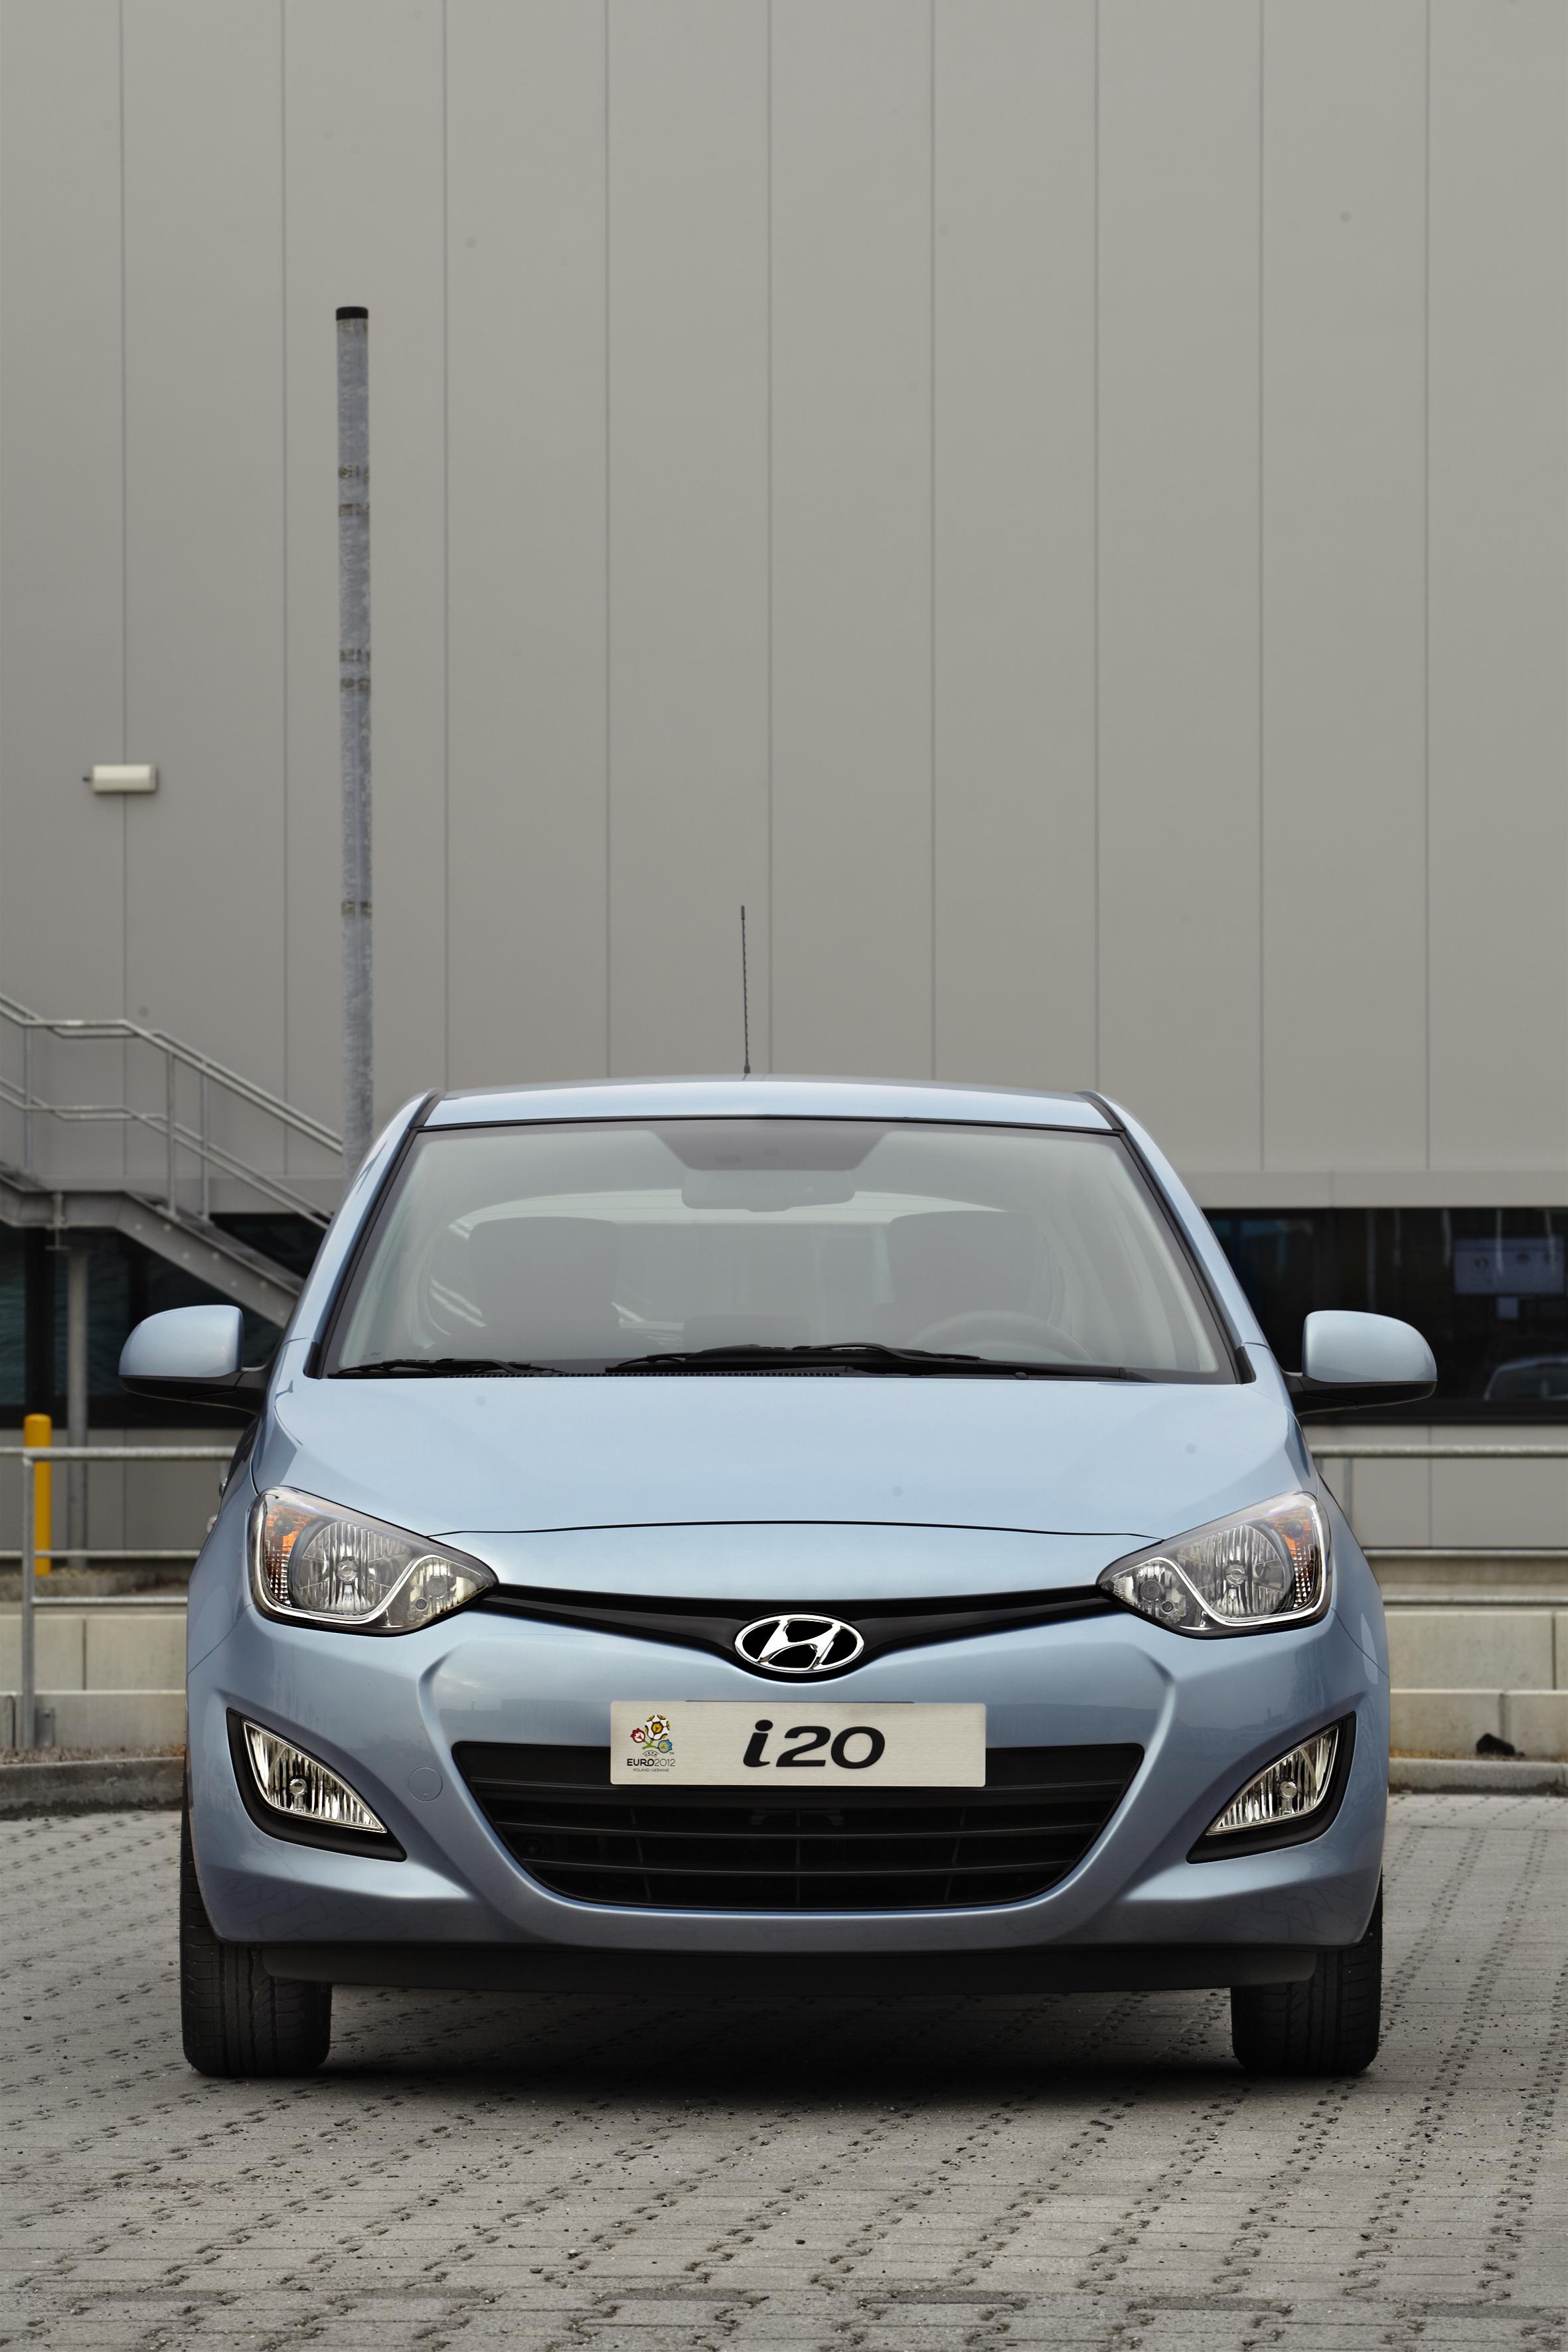 Hyundai All New I20 Hyundai Motor Company